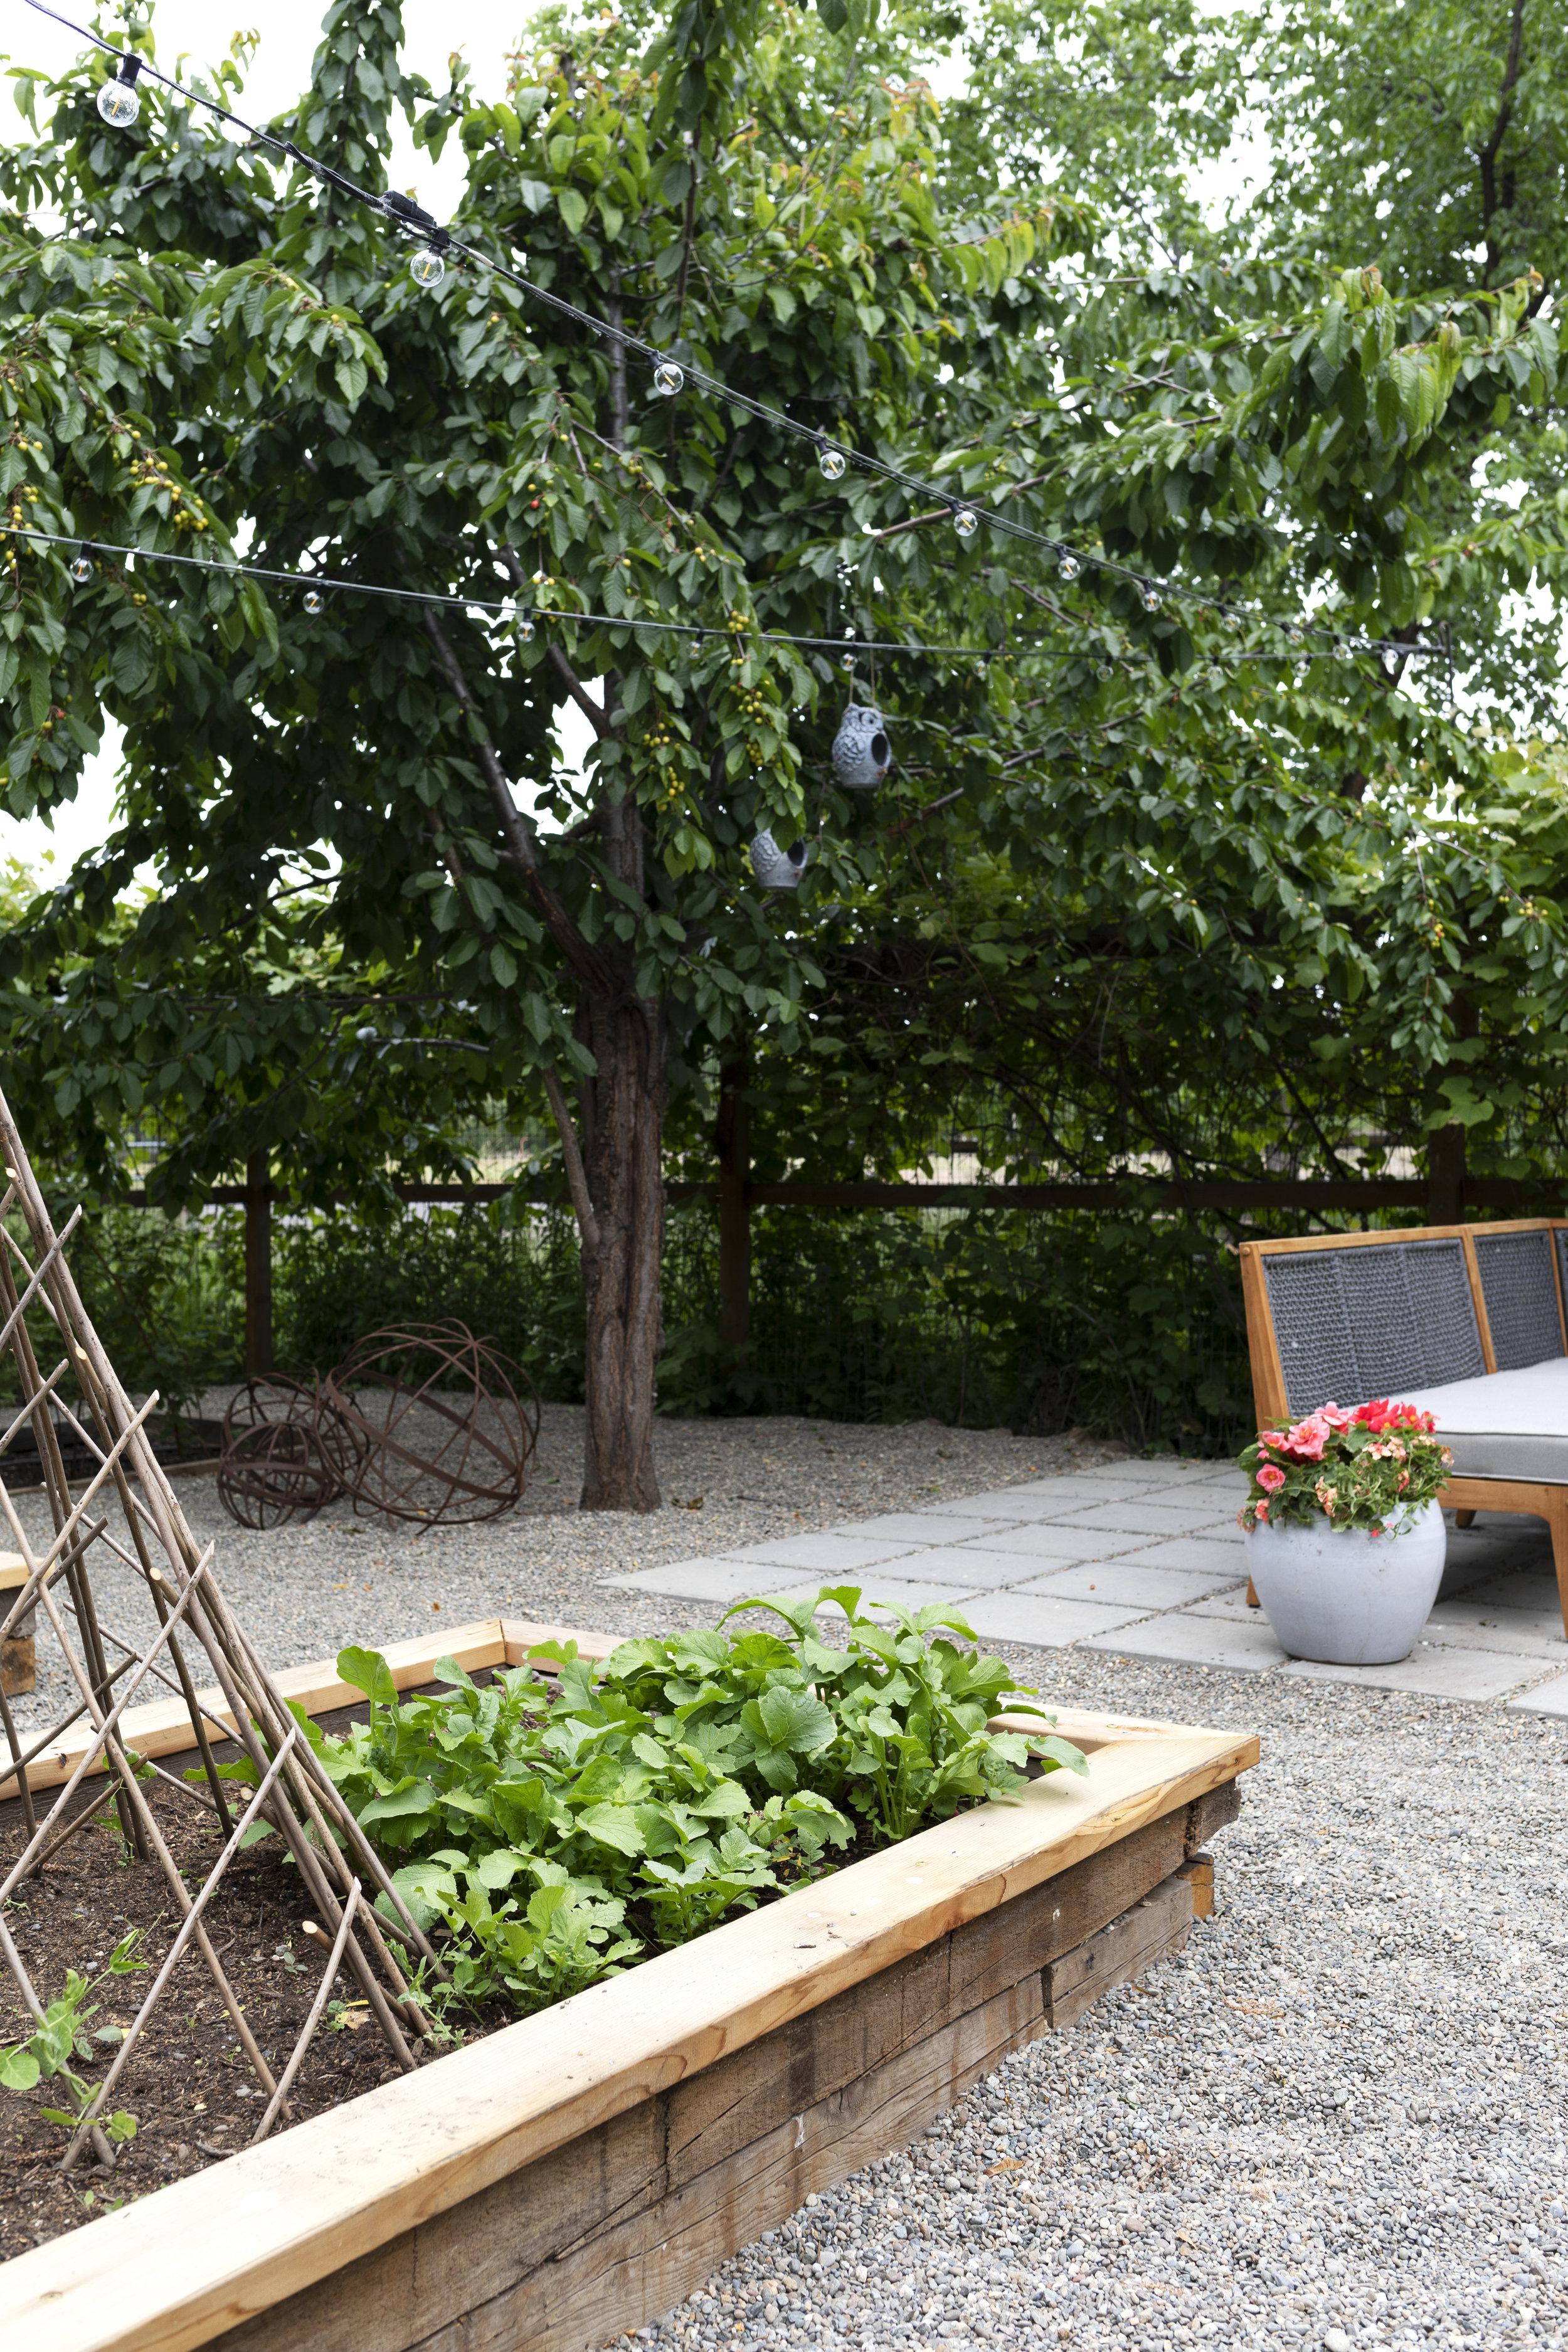 The Grit and Polish - Farmhouse Garden Raised Beds 6.jpg